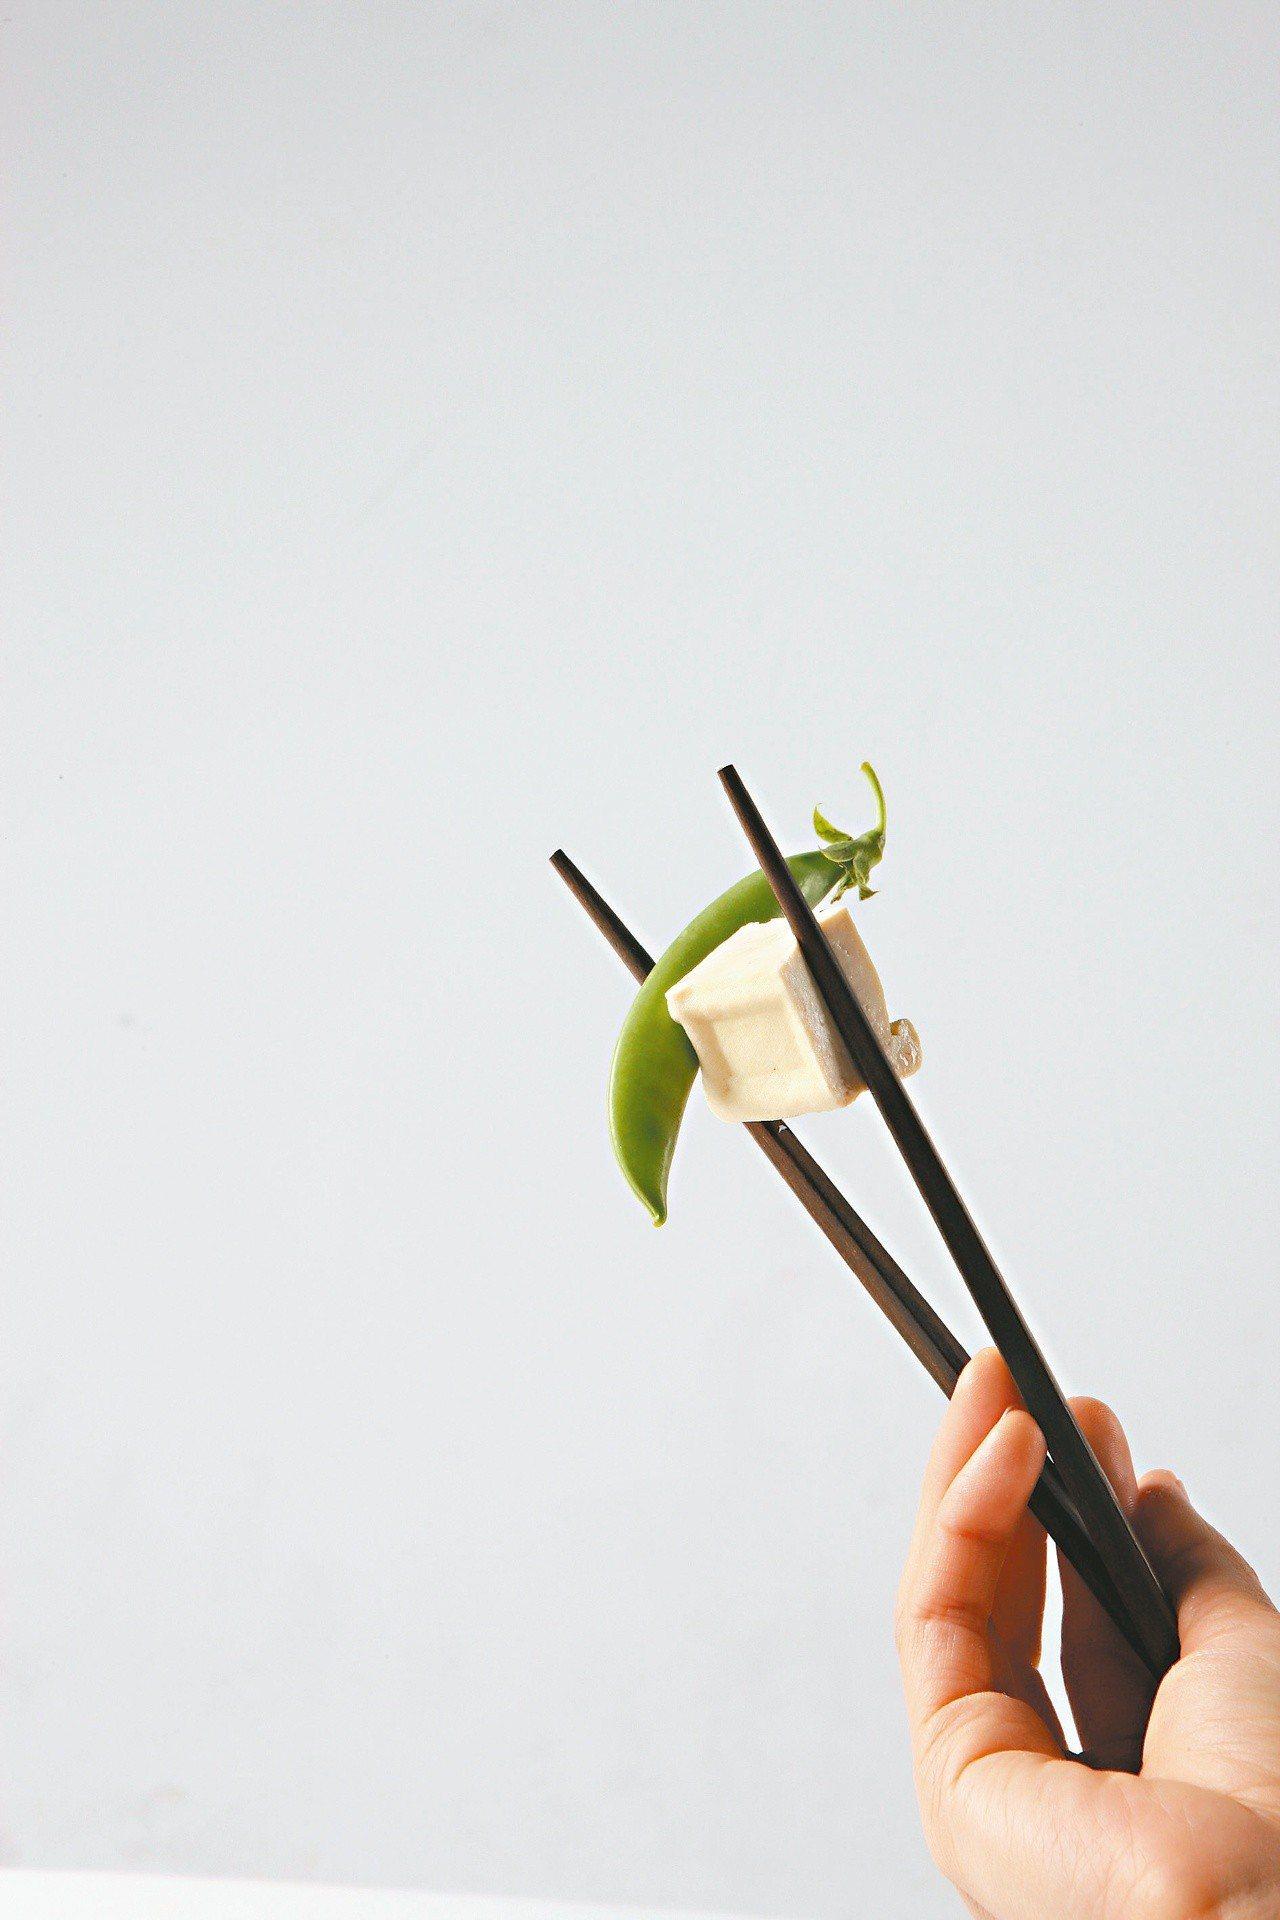 筷子的清洗方式建議用軟式的菜瓜布清洗筷子尖端,再把所有筷子一起搓洗,也建議定期泡...